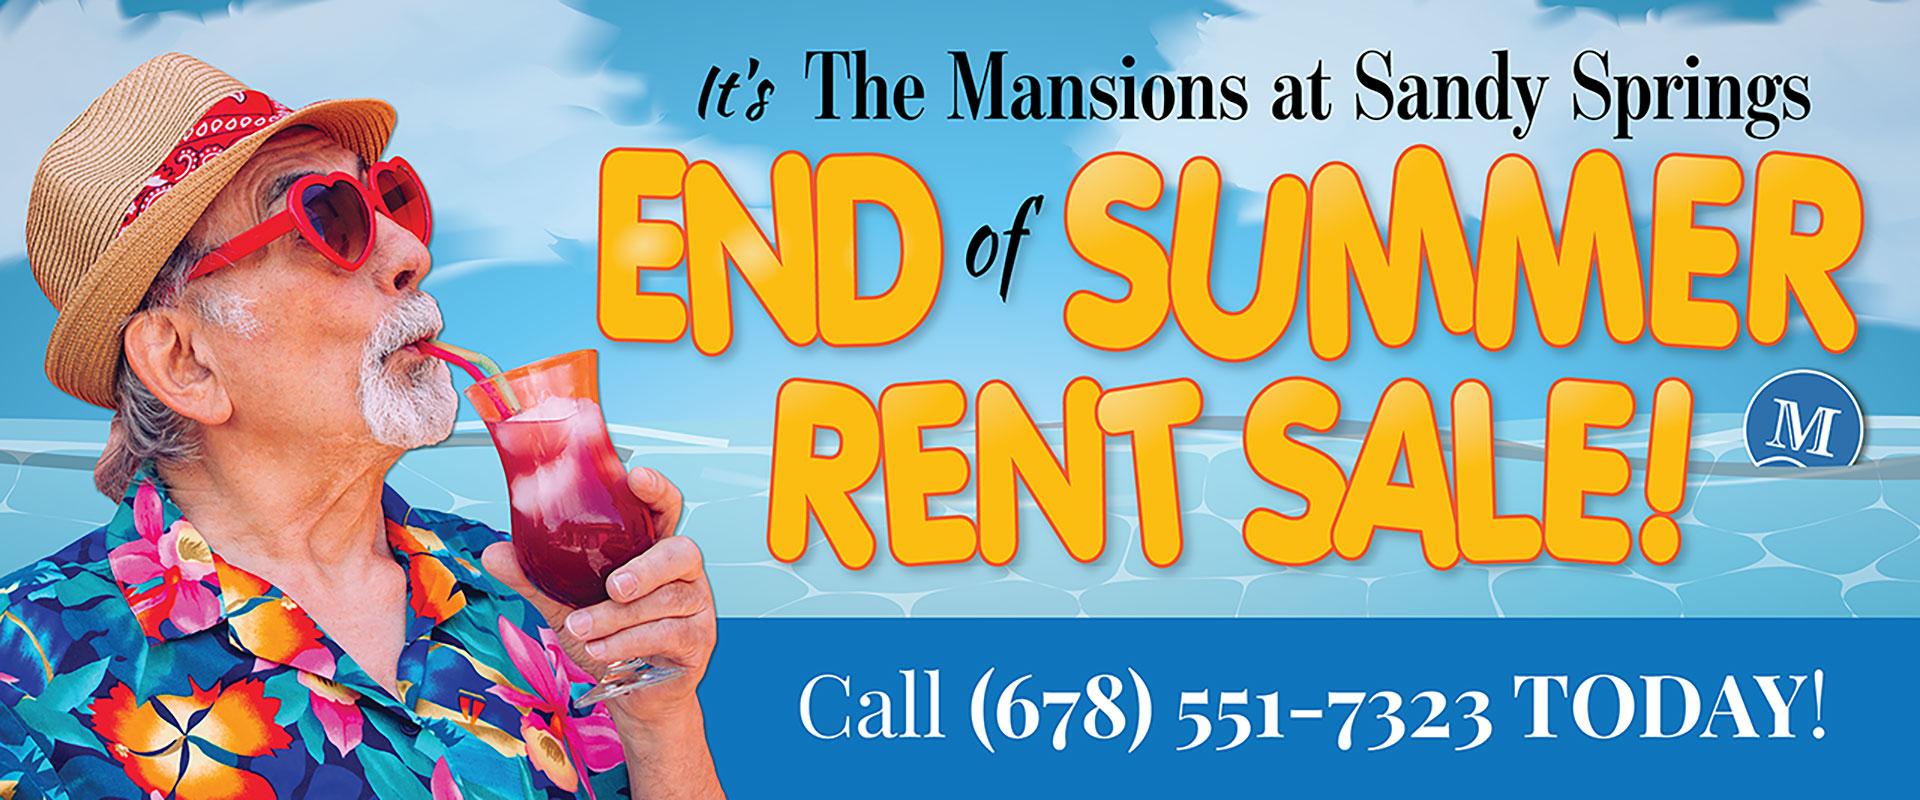 SS1-summer-rent-sale-web-banner